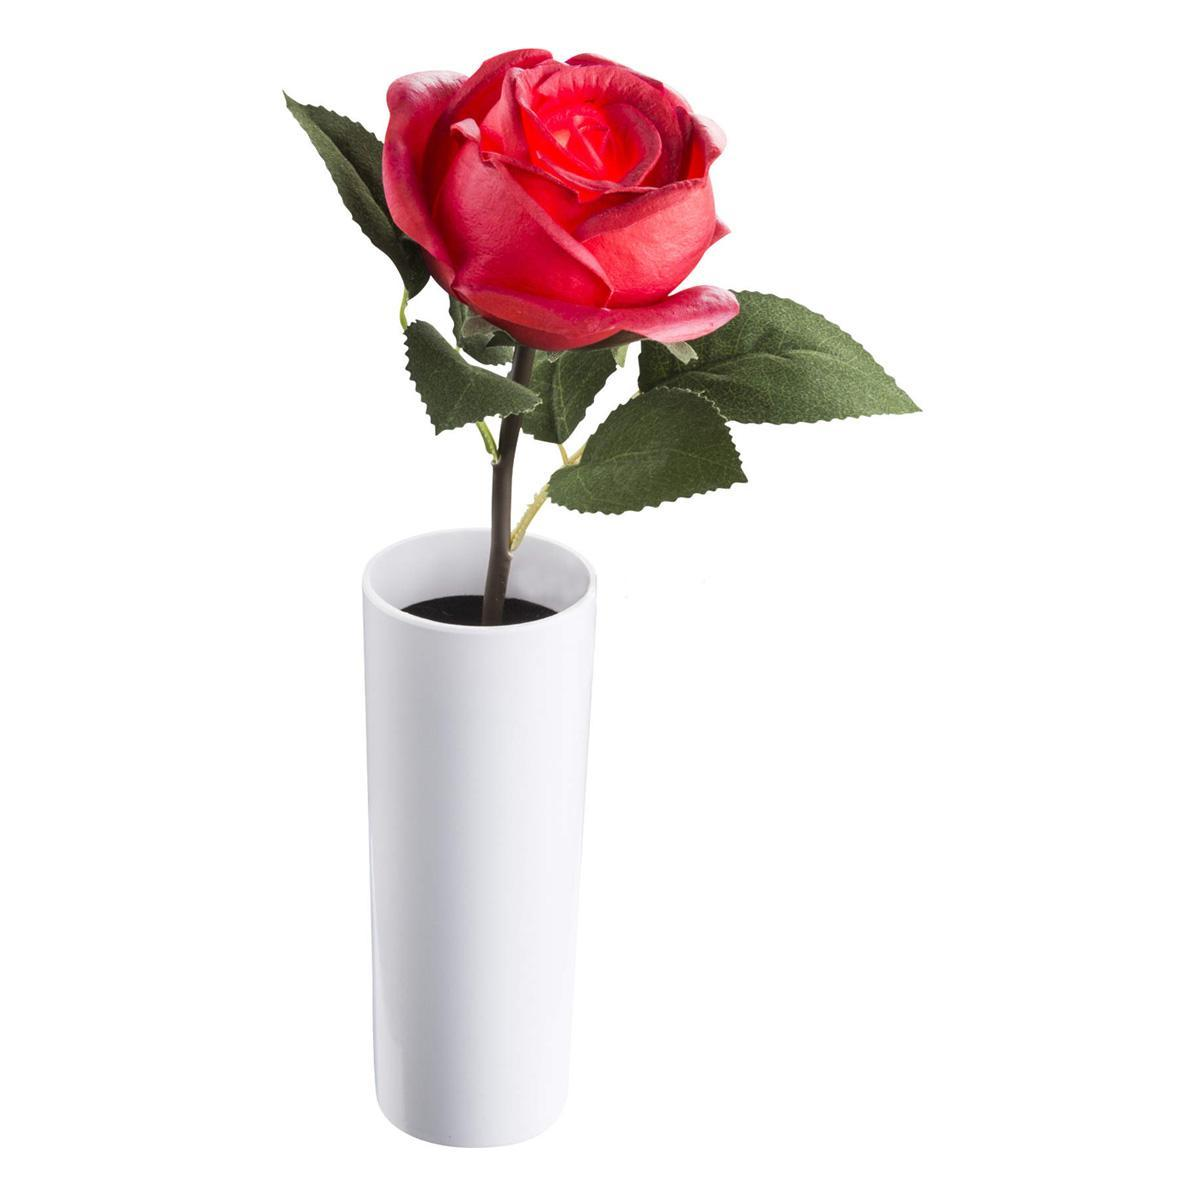 Настольная лампа декоративная Роза с большим бутоном Globo Orphelia 28021 globo настольная лампа globo orphelia 28024 page 8